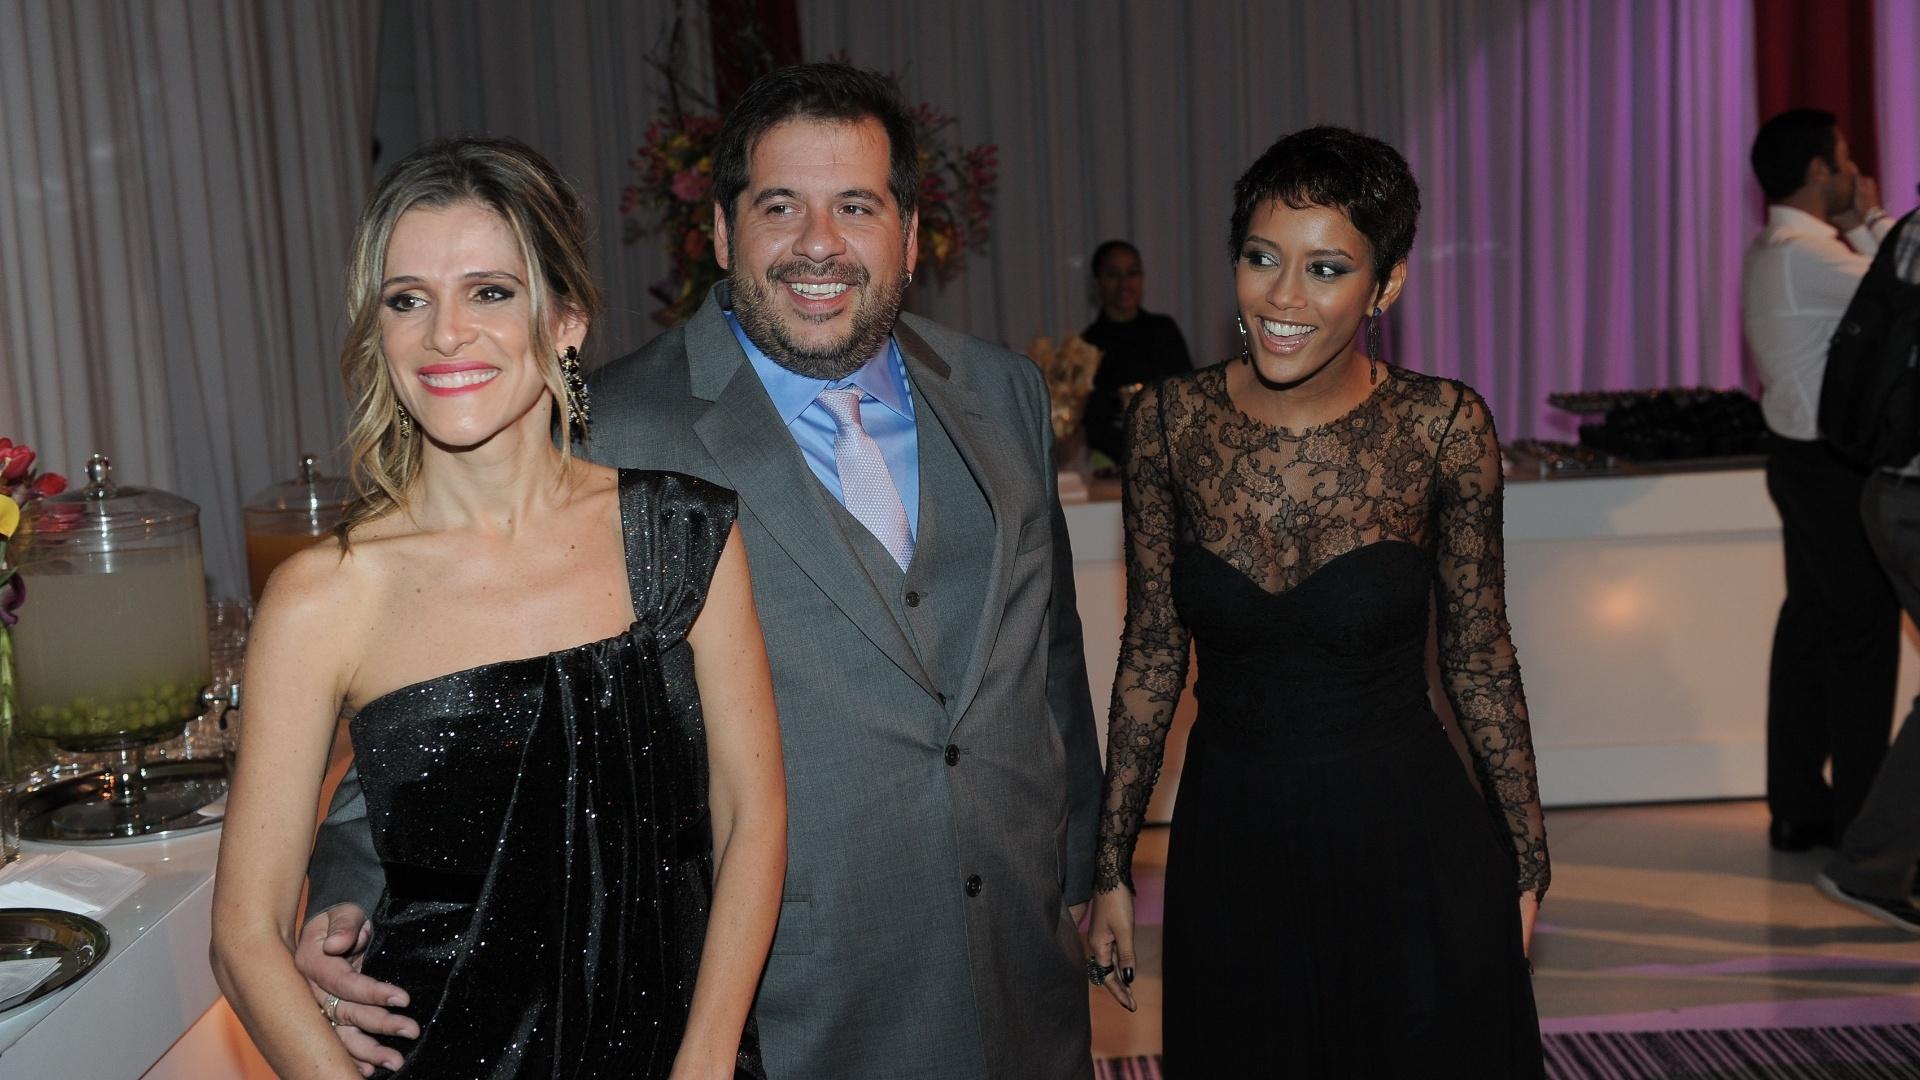 27.mar.2013 - Ingrid Guimarães, Leandro Hassum e Taís Araújo na festa de lançamento da grade de programação da Globo, no Credicard Hall, em São Paulo